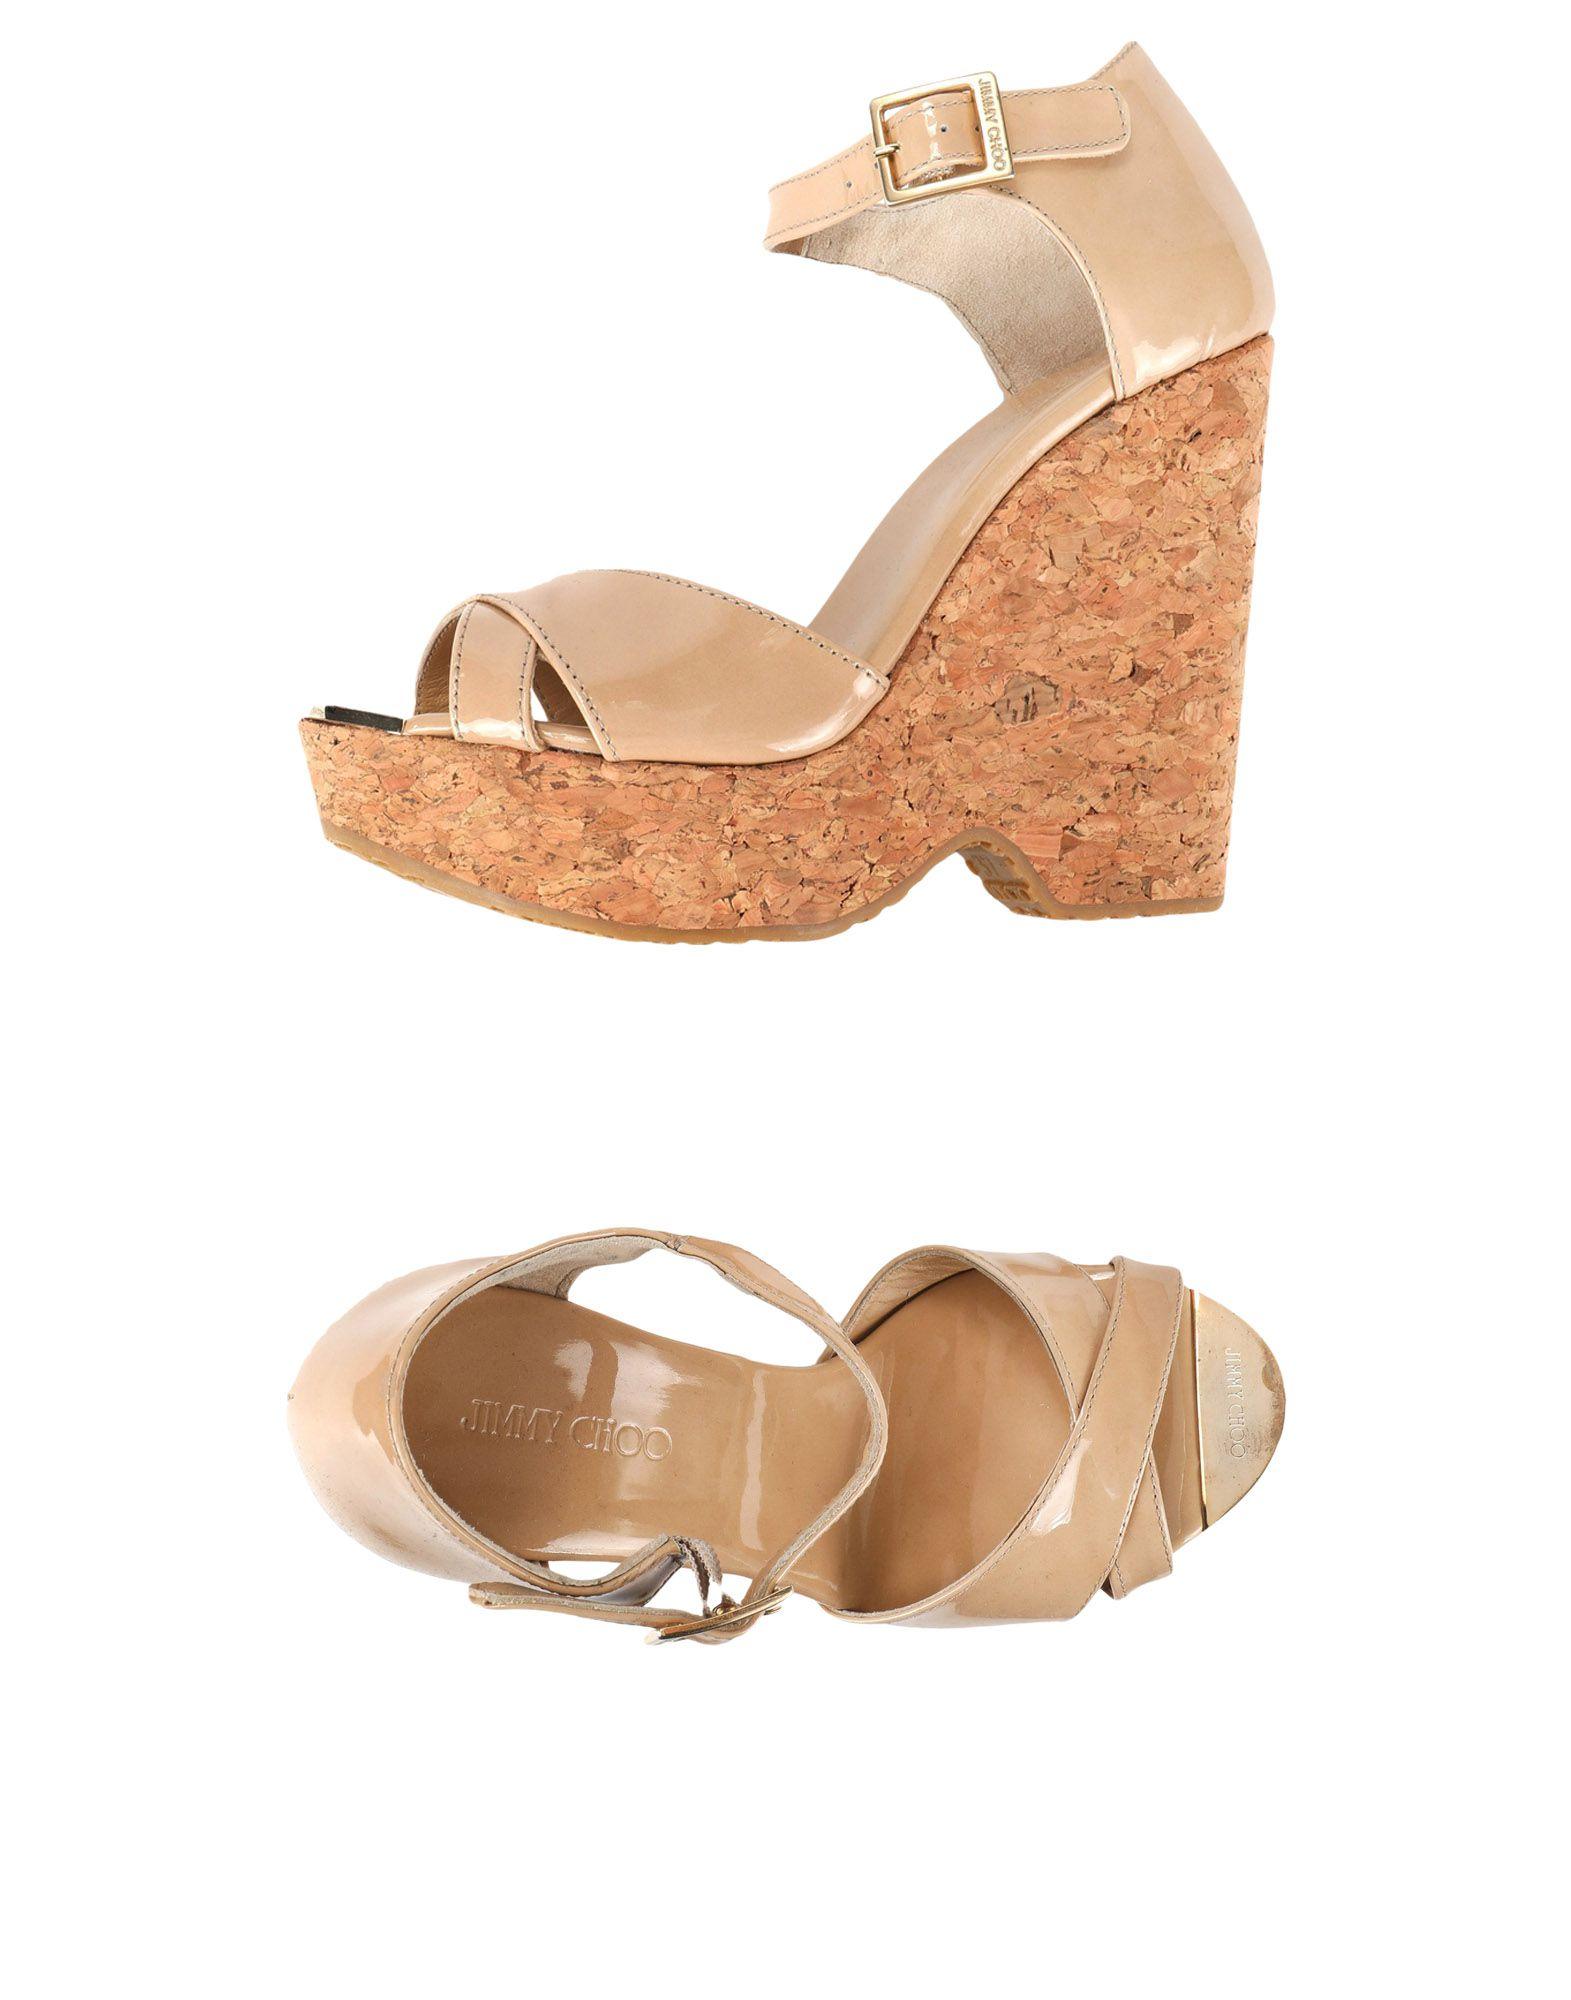 Klassischer Stil-2874,Jimmy Choo Sandalen lohnt Damen Gutes Preis-Leistungs-Verhältnis, es lohnt Sandalen sich 2f9d8f